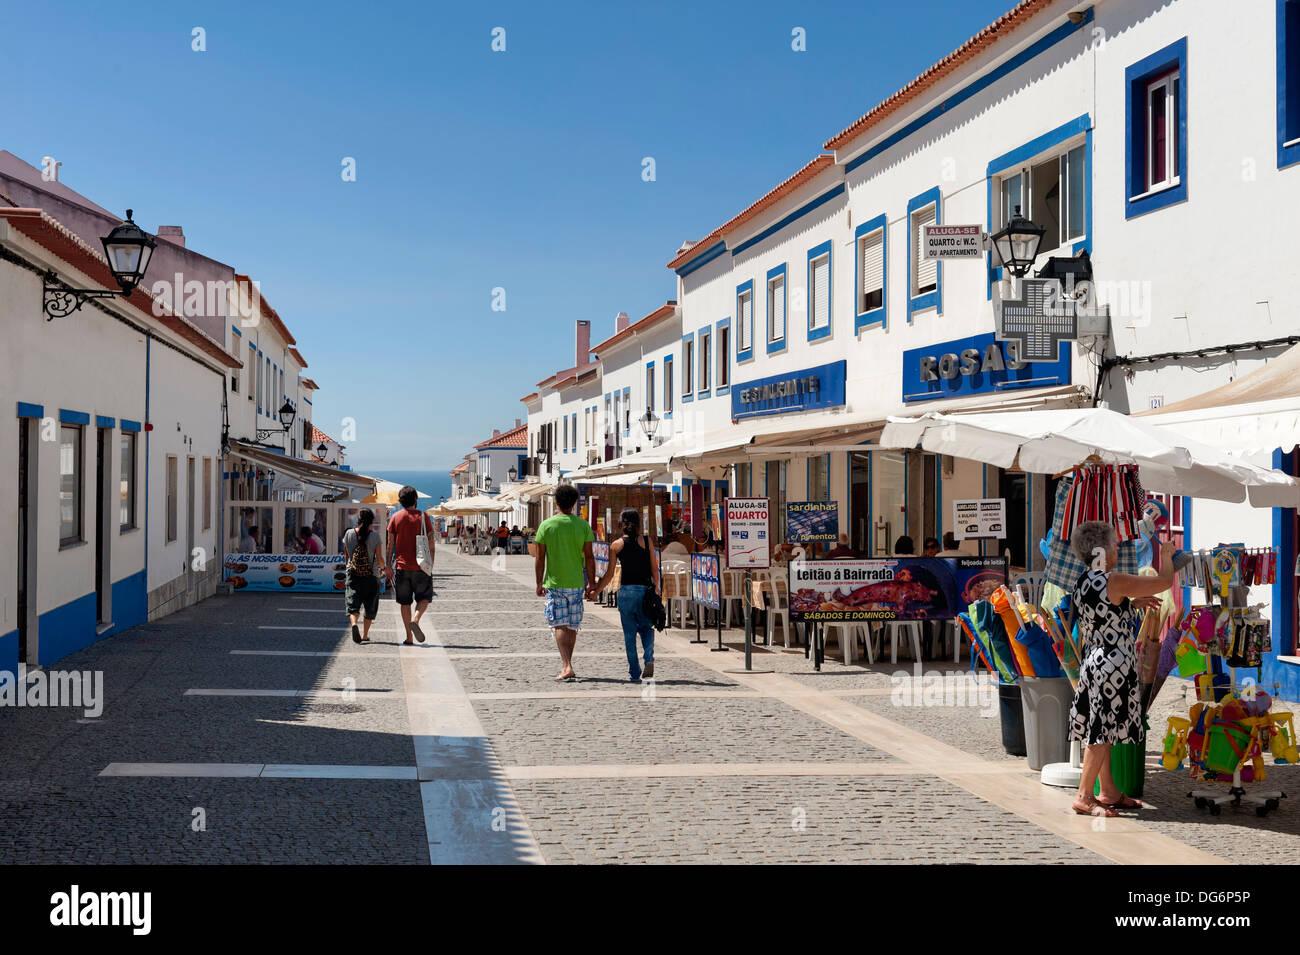 Portugal, the Alentejo, Porto Covo main street - Stock Image